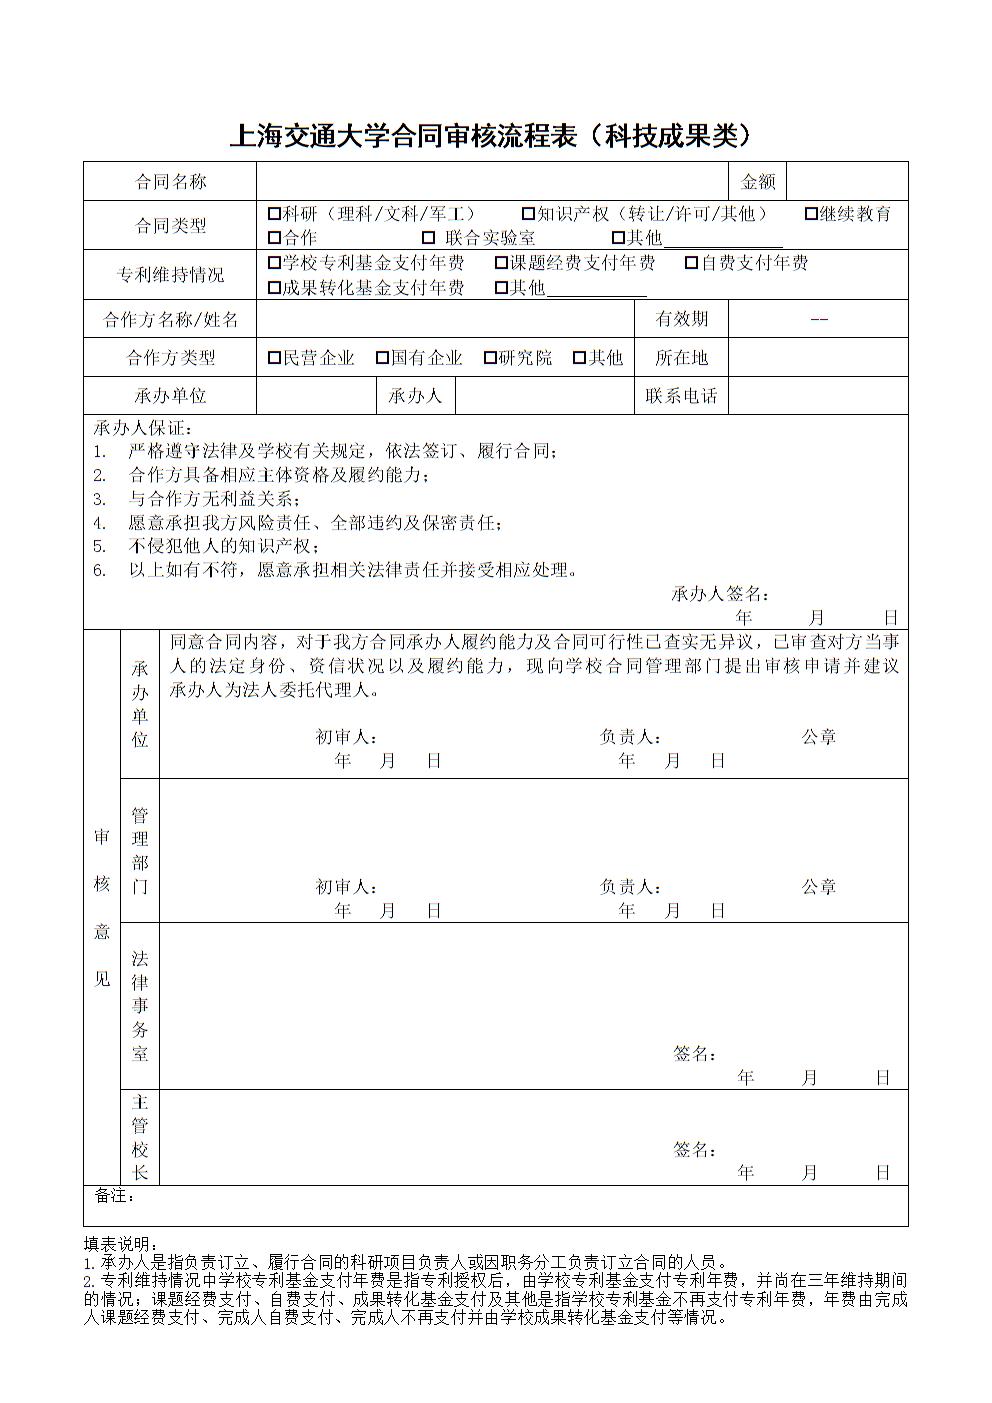 交行信用卡中心与平安财险上海分公司合同纠纷对簿公堂